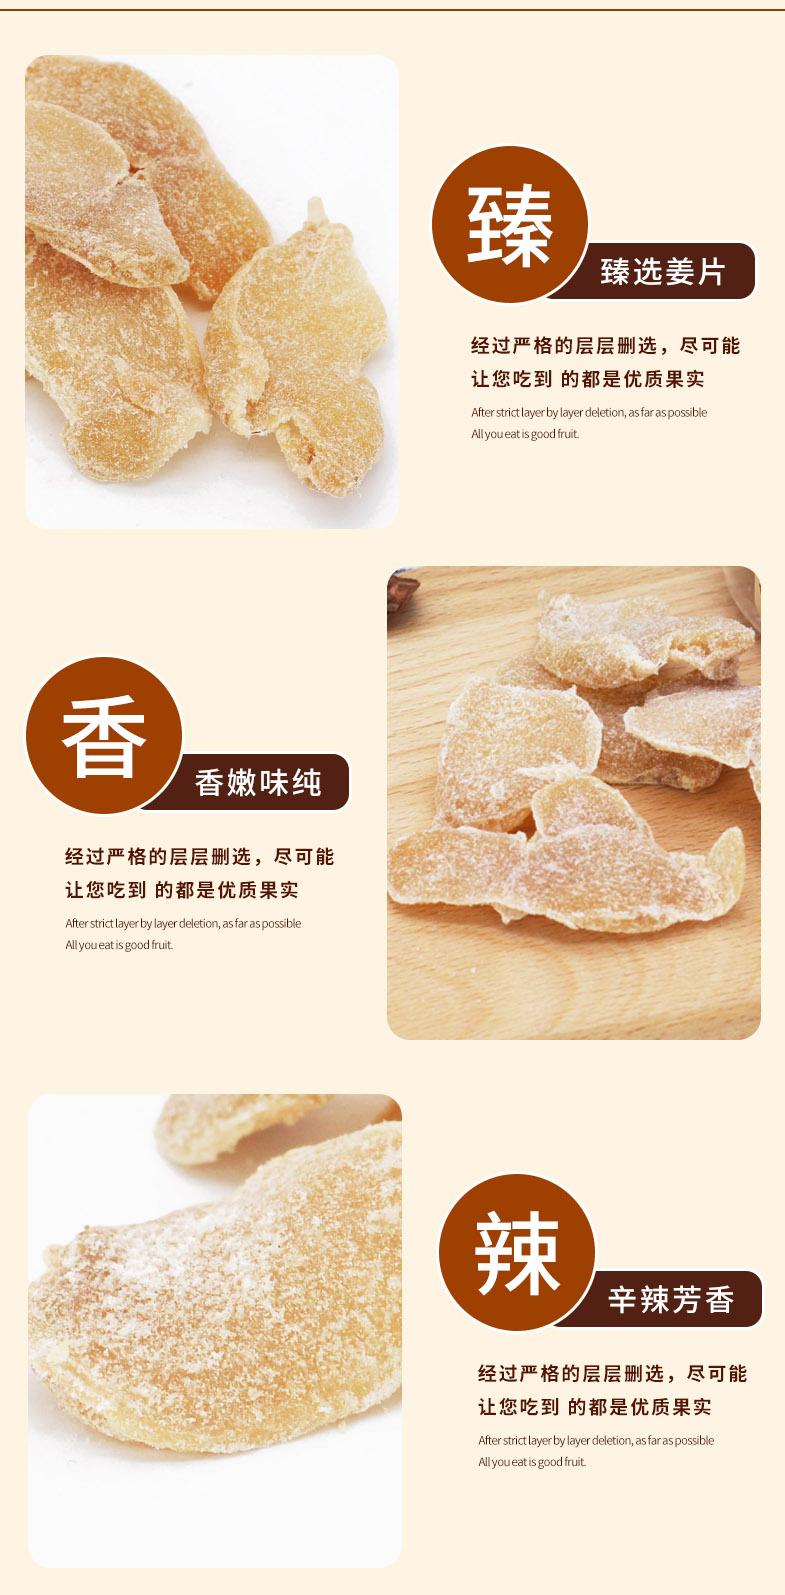 姜片详情页5